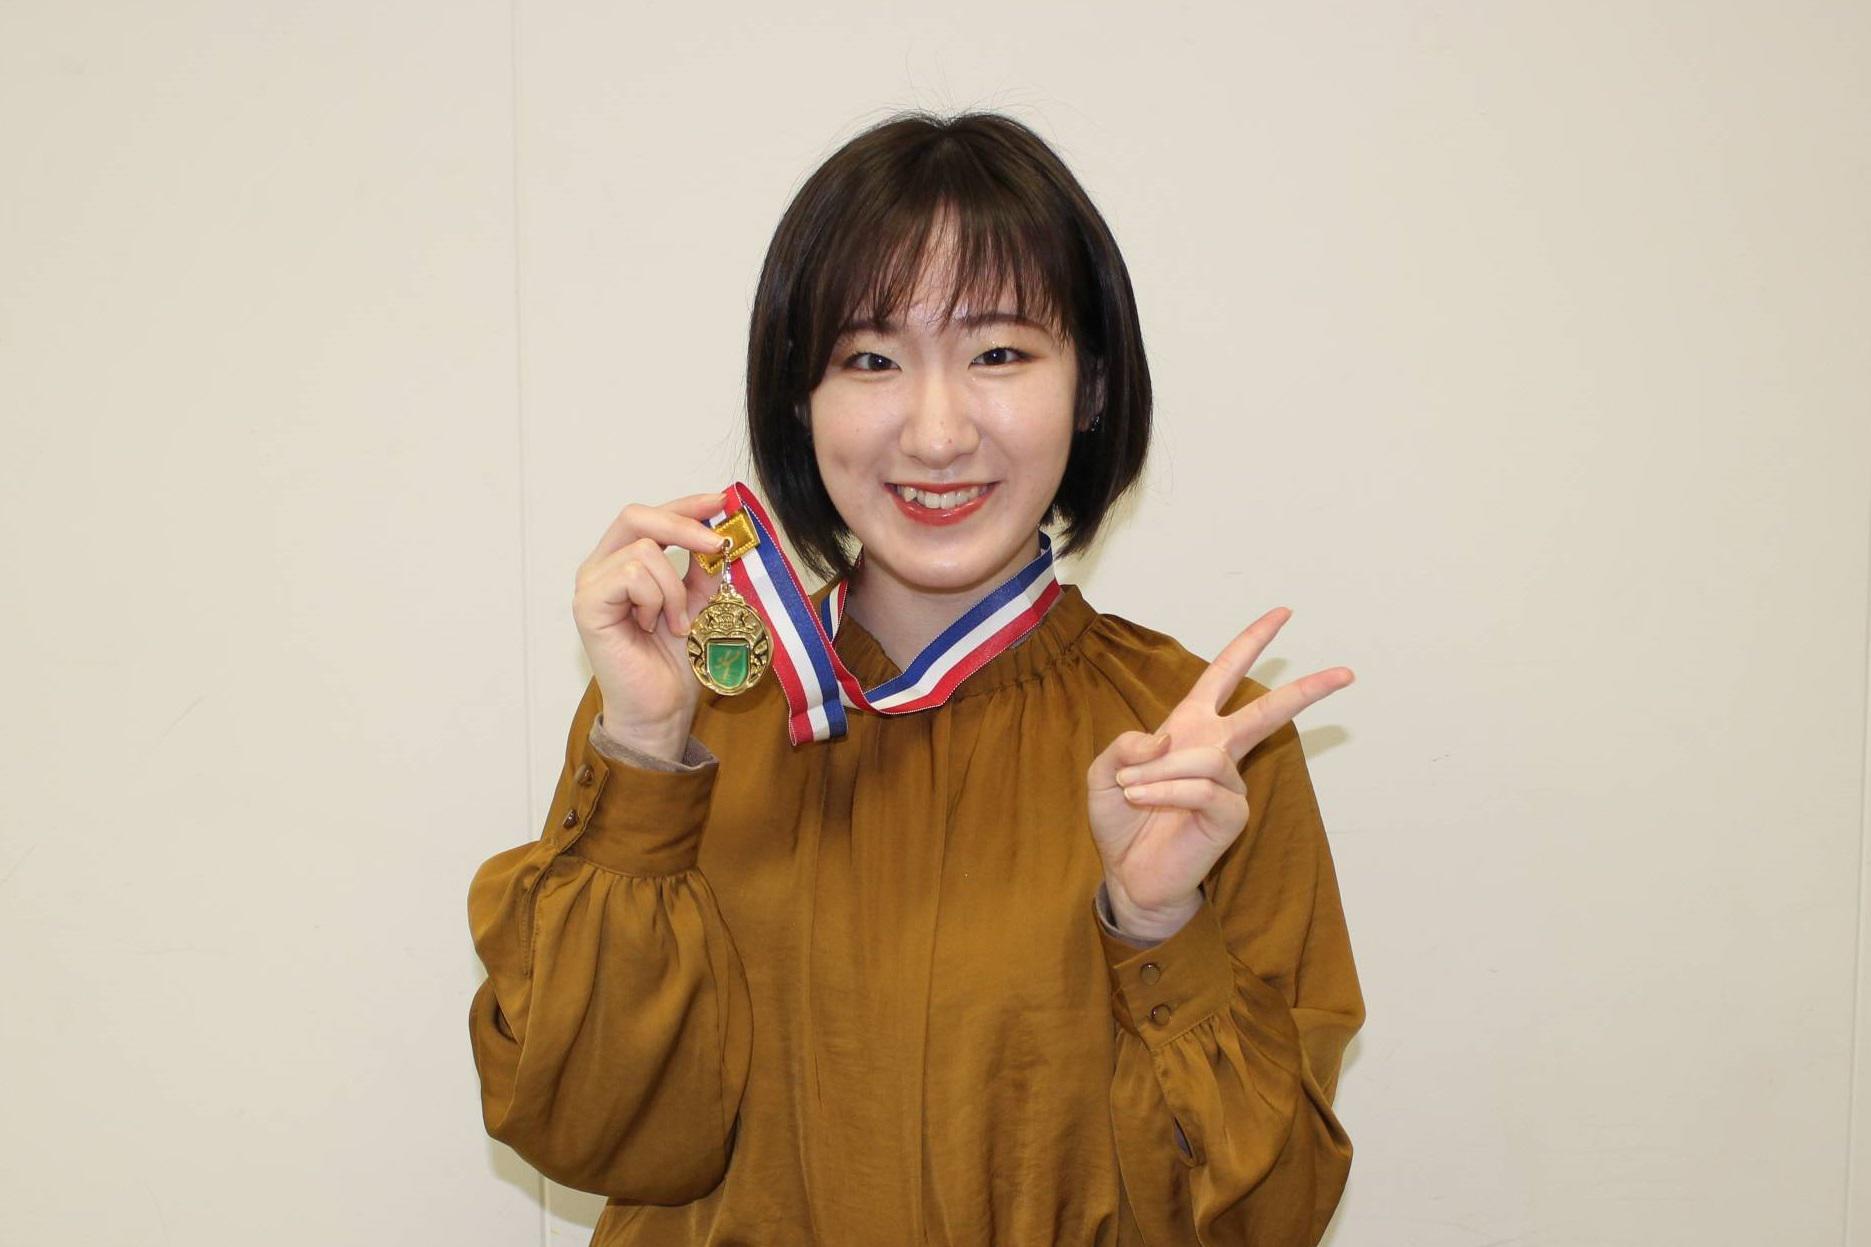 優勝した中川さん、金メダルとともに。